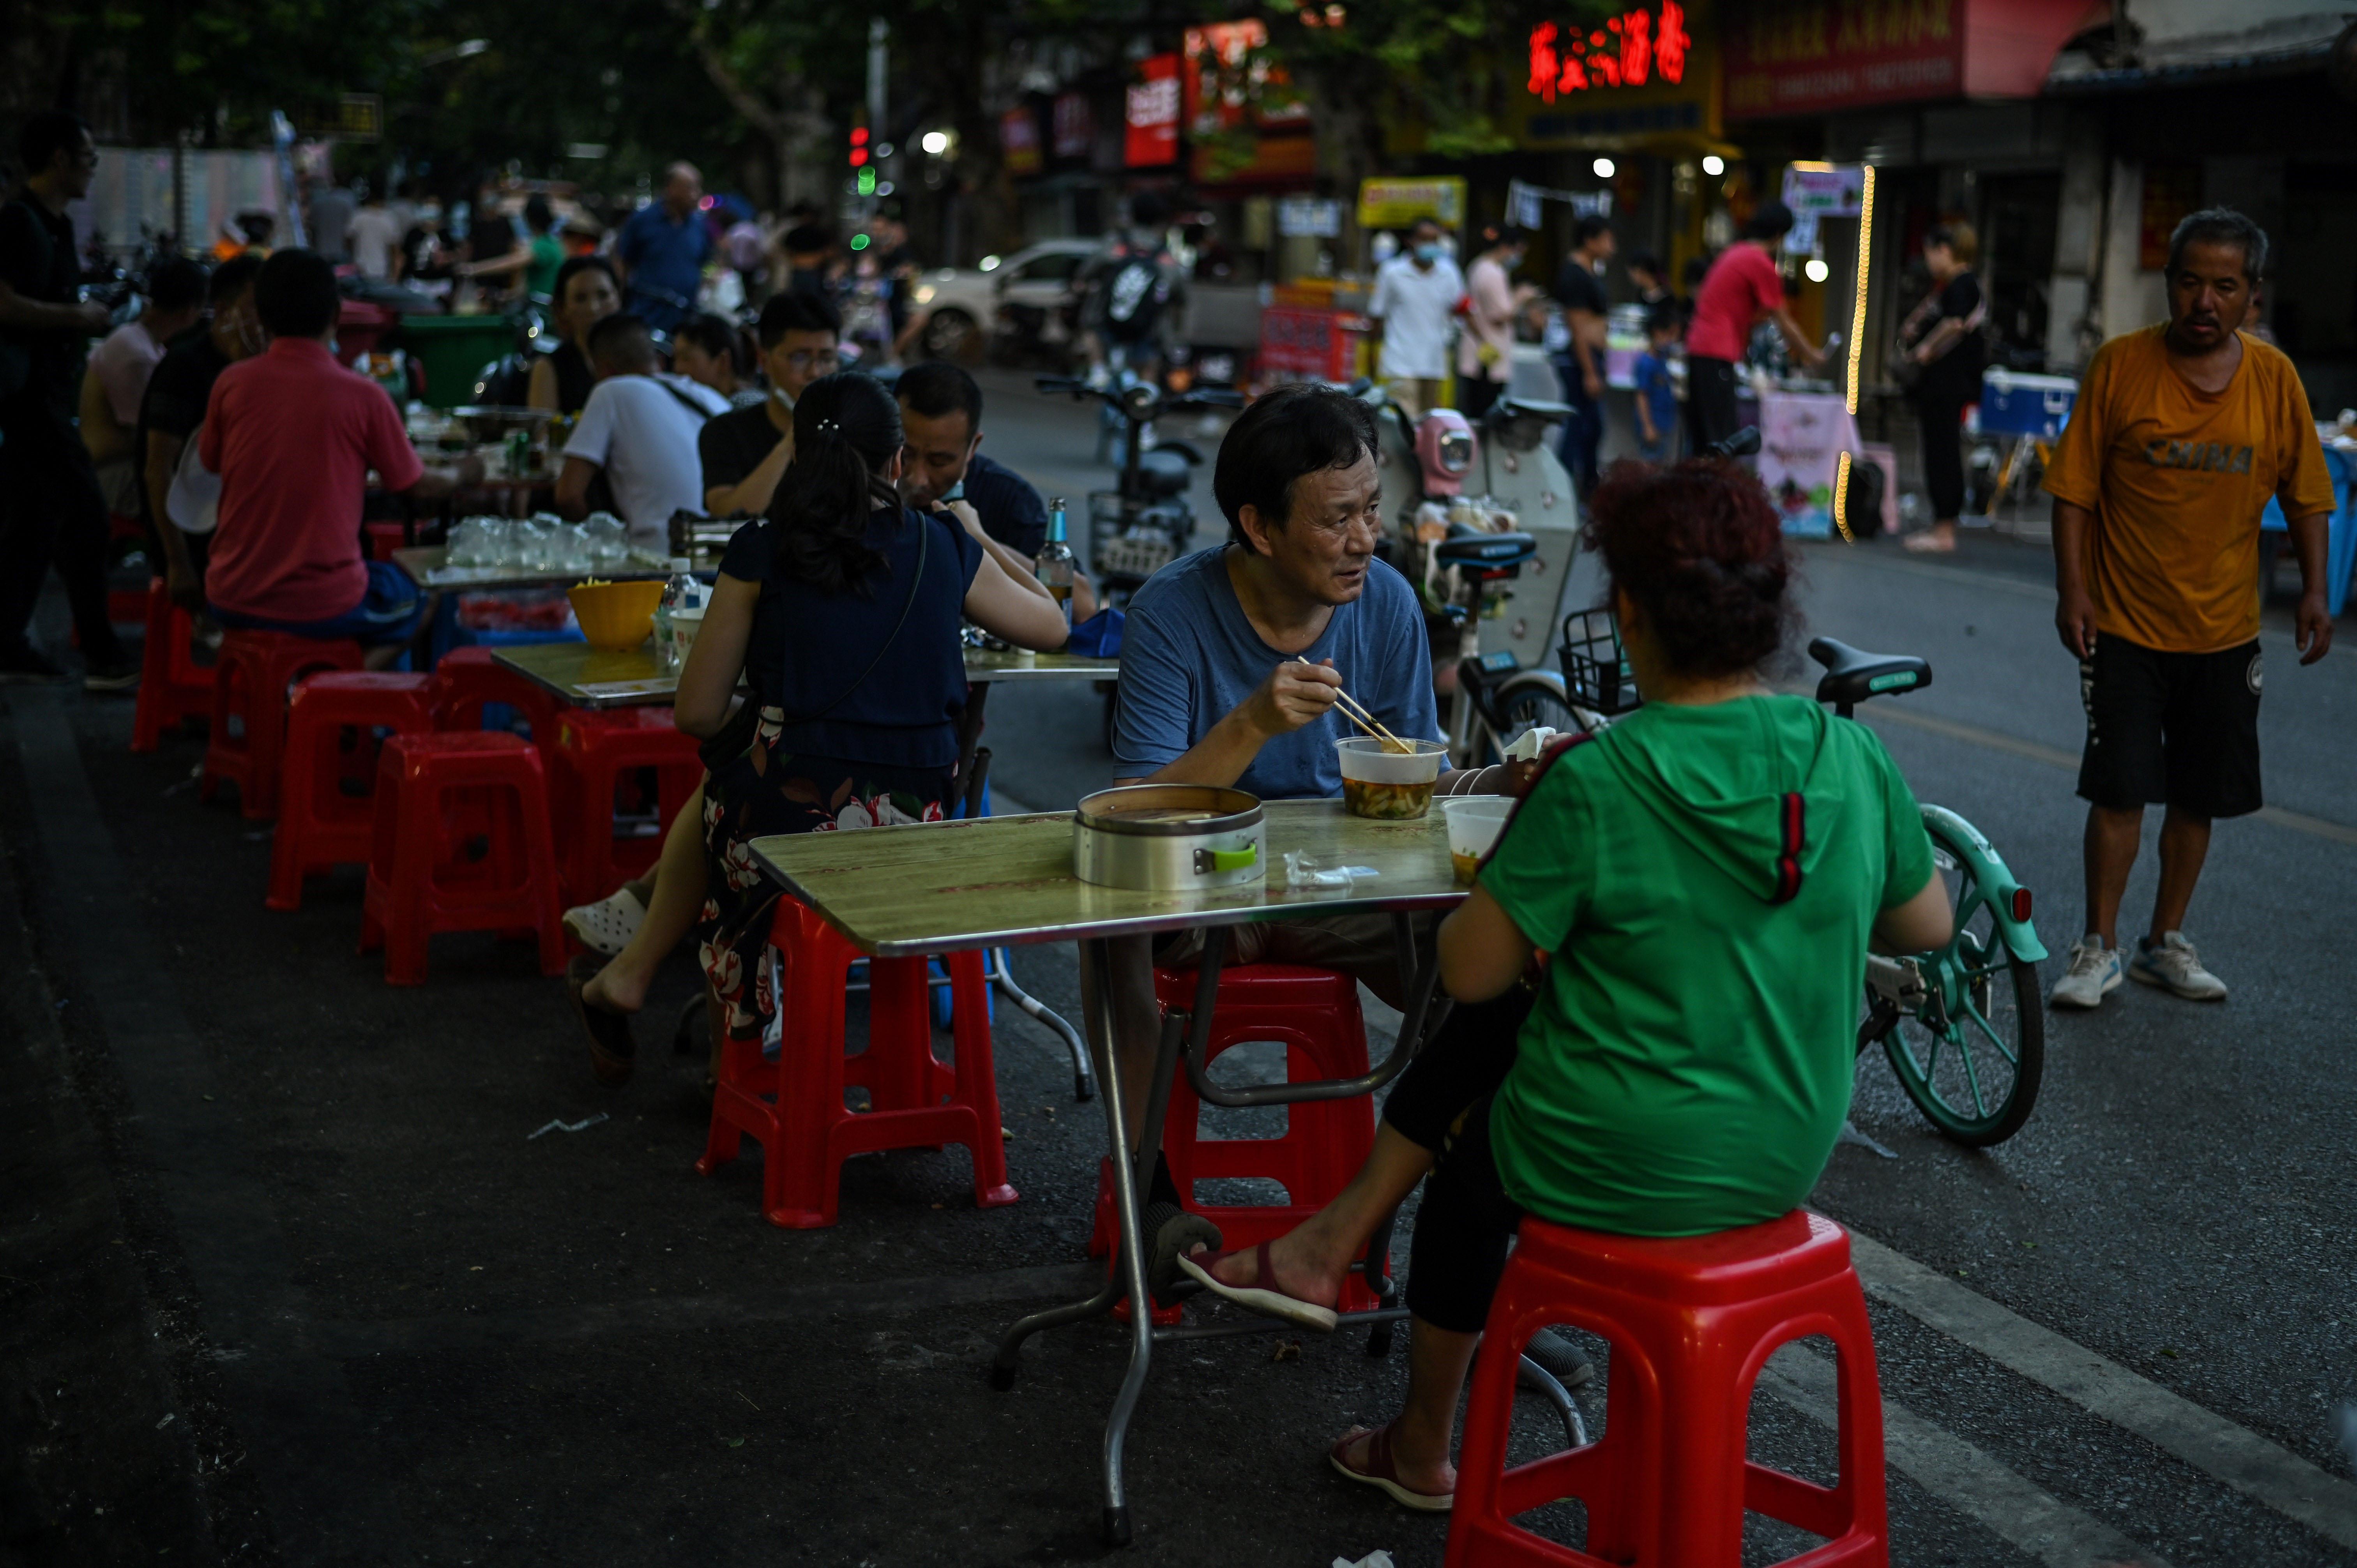 Miles de wuhaneses hacen fila todas las mañanas frente a caravanas que venden desayunos. Una escena que contrasta con la multitud que acudía en masa a los hospitales de la ciudad durante el invierno, angustiados por el nuevo coronavirus